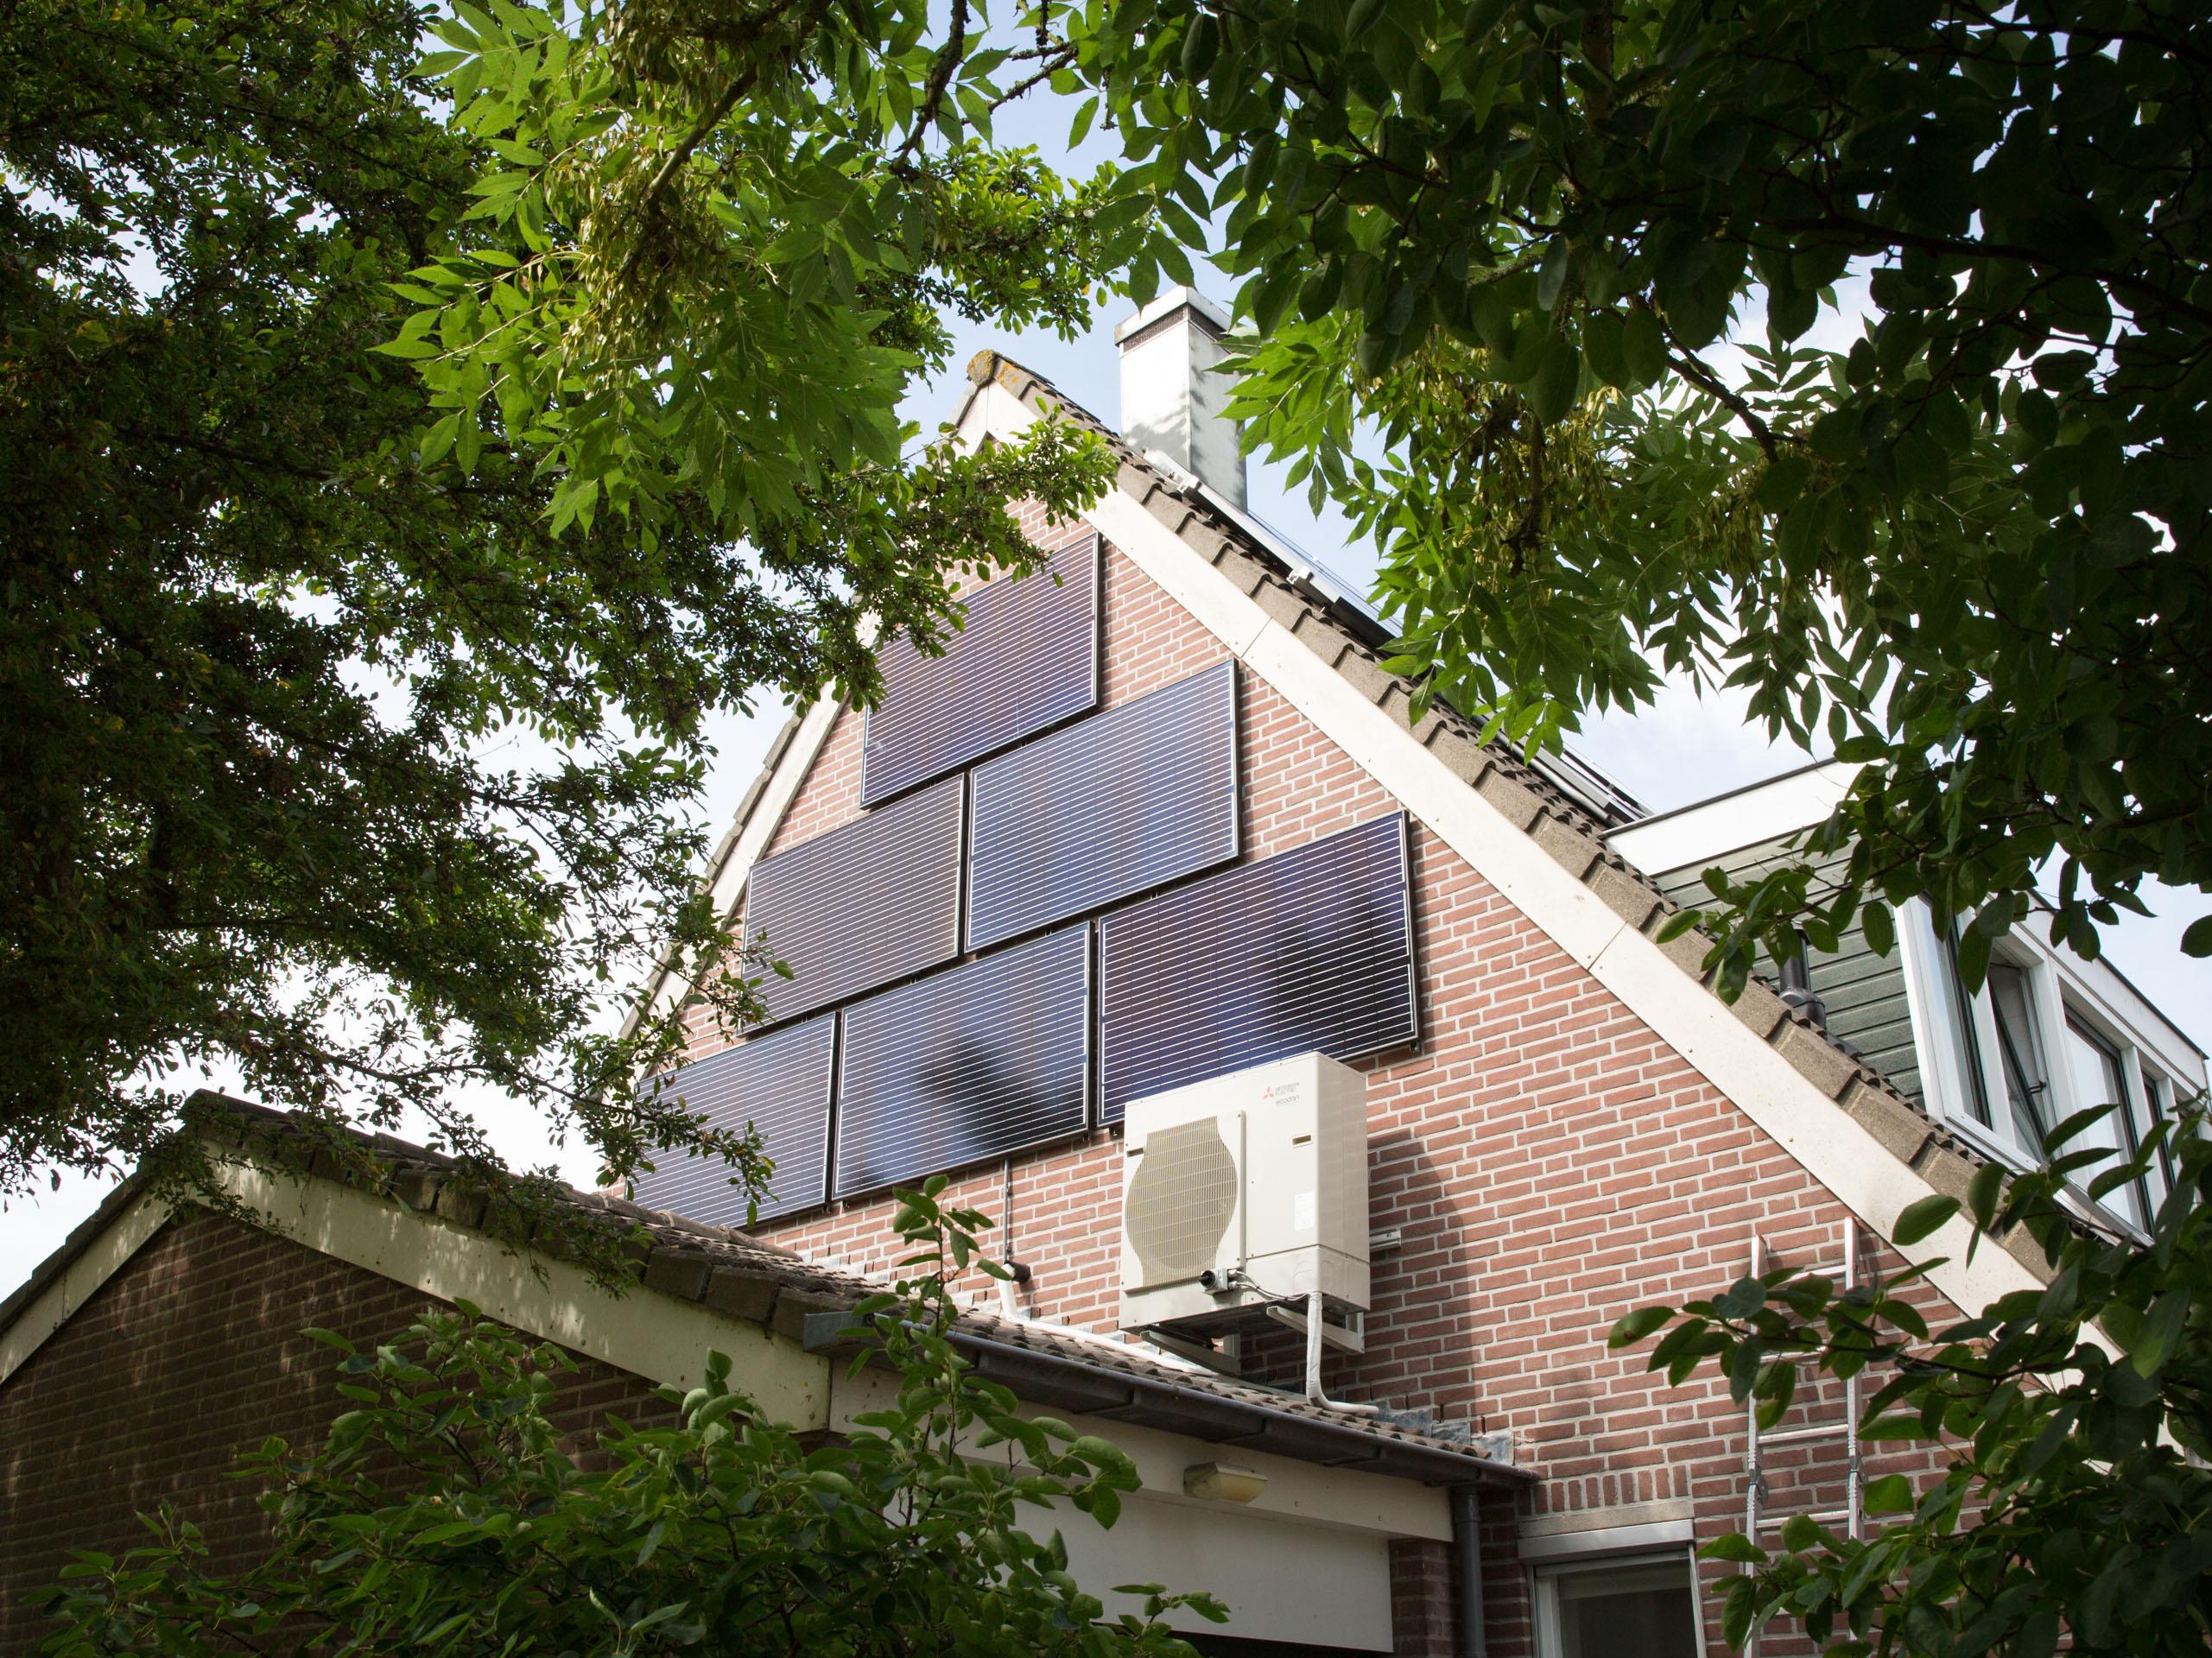 Energieneutraal-huis-woonwijk-wonen-thuisbaas-credit-Chantal-Bekker-GraphicAlert-23-zonnepanelen-dak-1